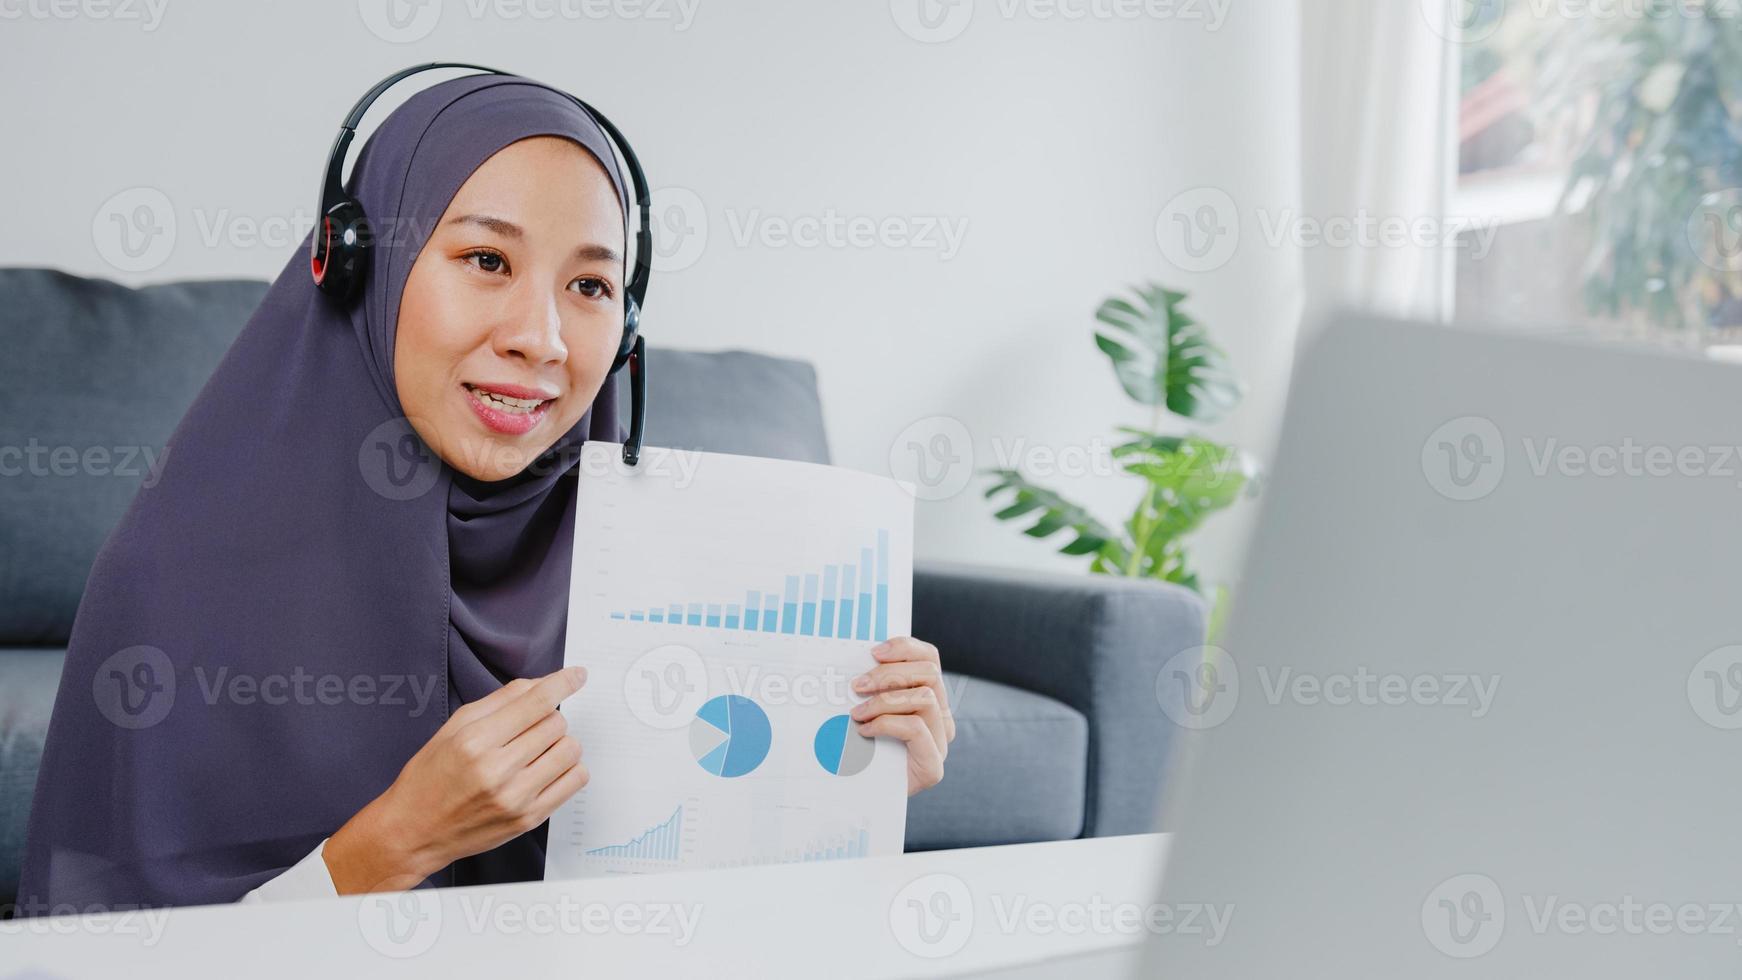 A senhora muçulmana asiática usa fone de ouvido usando laptop e fala com colegas sobre o relatório de venda em uma videoconferência enquanto trabalha em casa na sala de estar. distanciamento social, quarentena para o vírus corona. foto